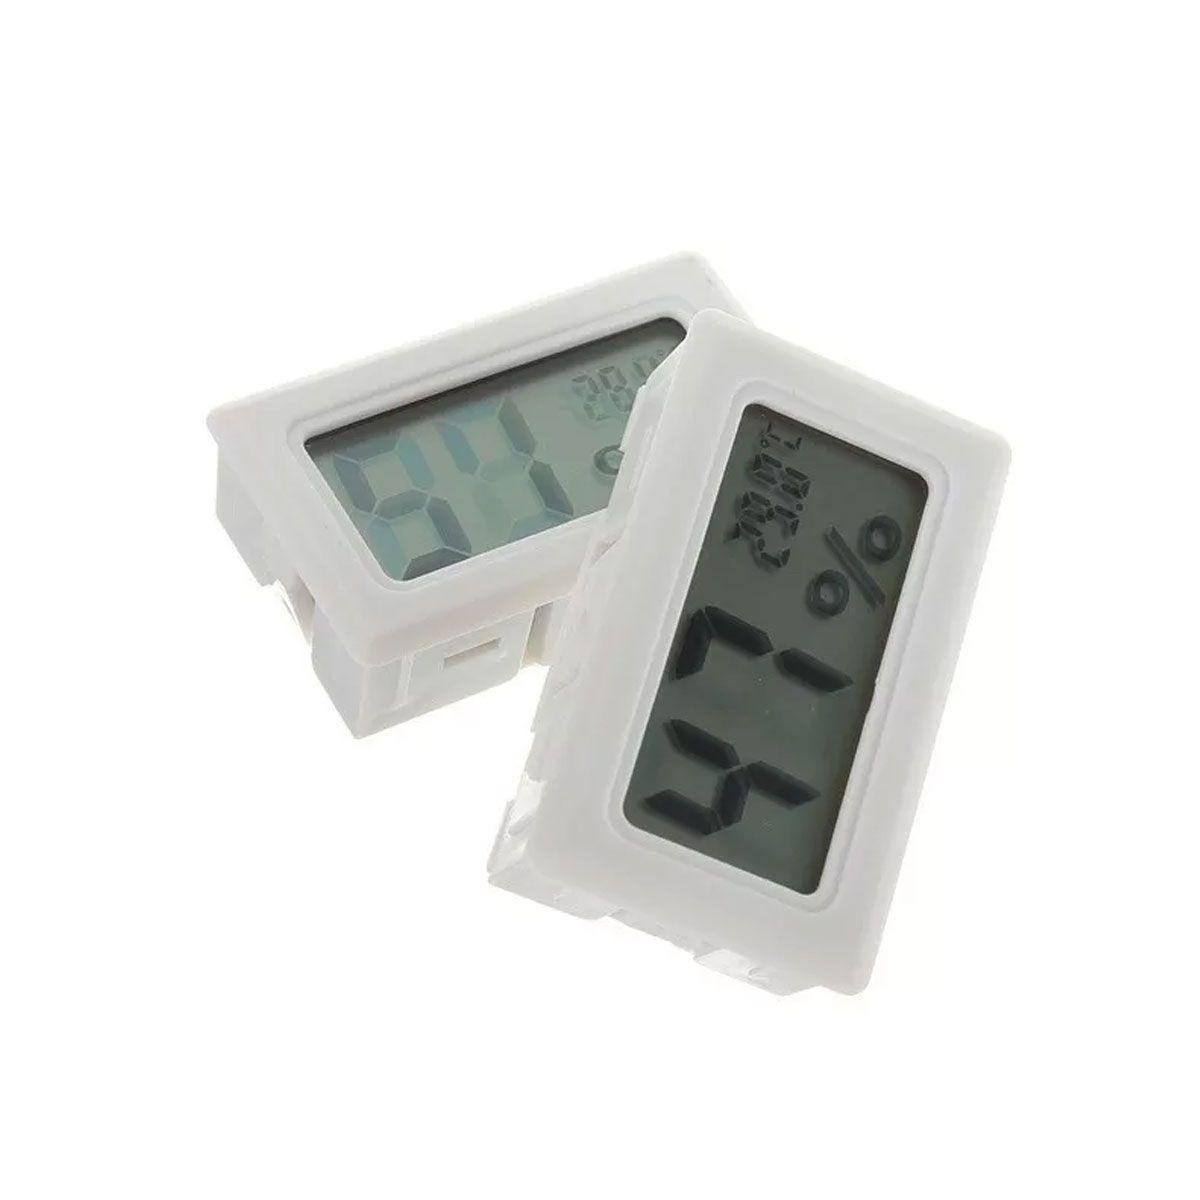 Mini Termômetro - Higrômetro Digital / Mede Temperatura e Umidade SEM Bateria - Branca